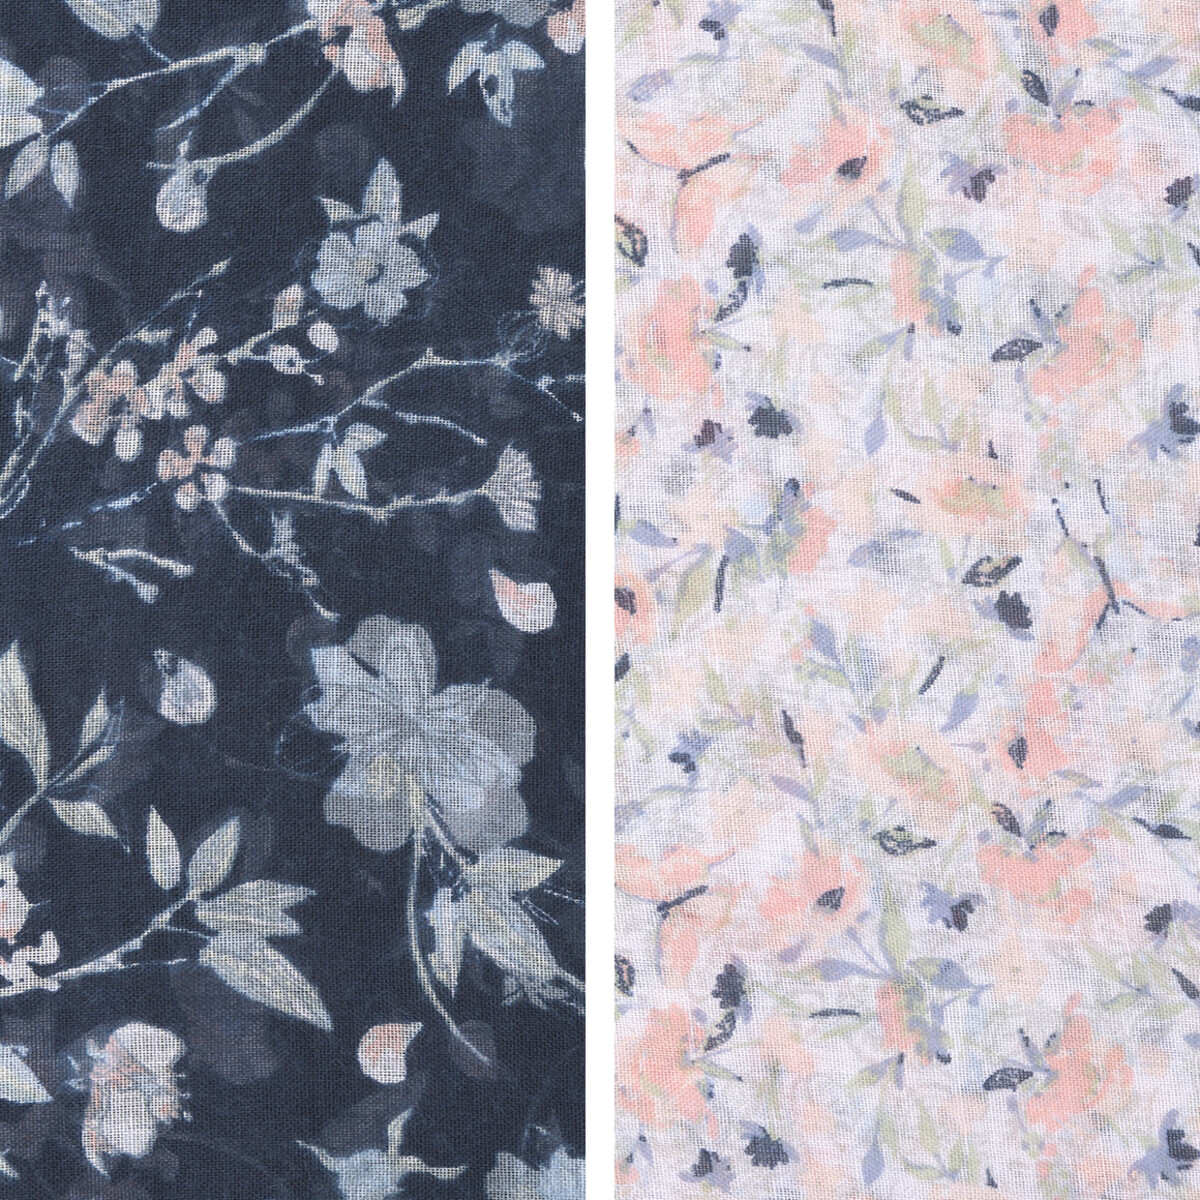 Bild 2 von 2 Damen Tücher in verschiedenen Dessins